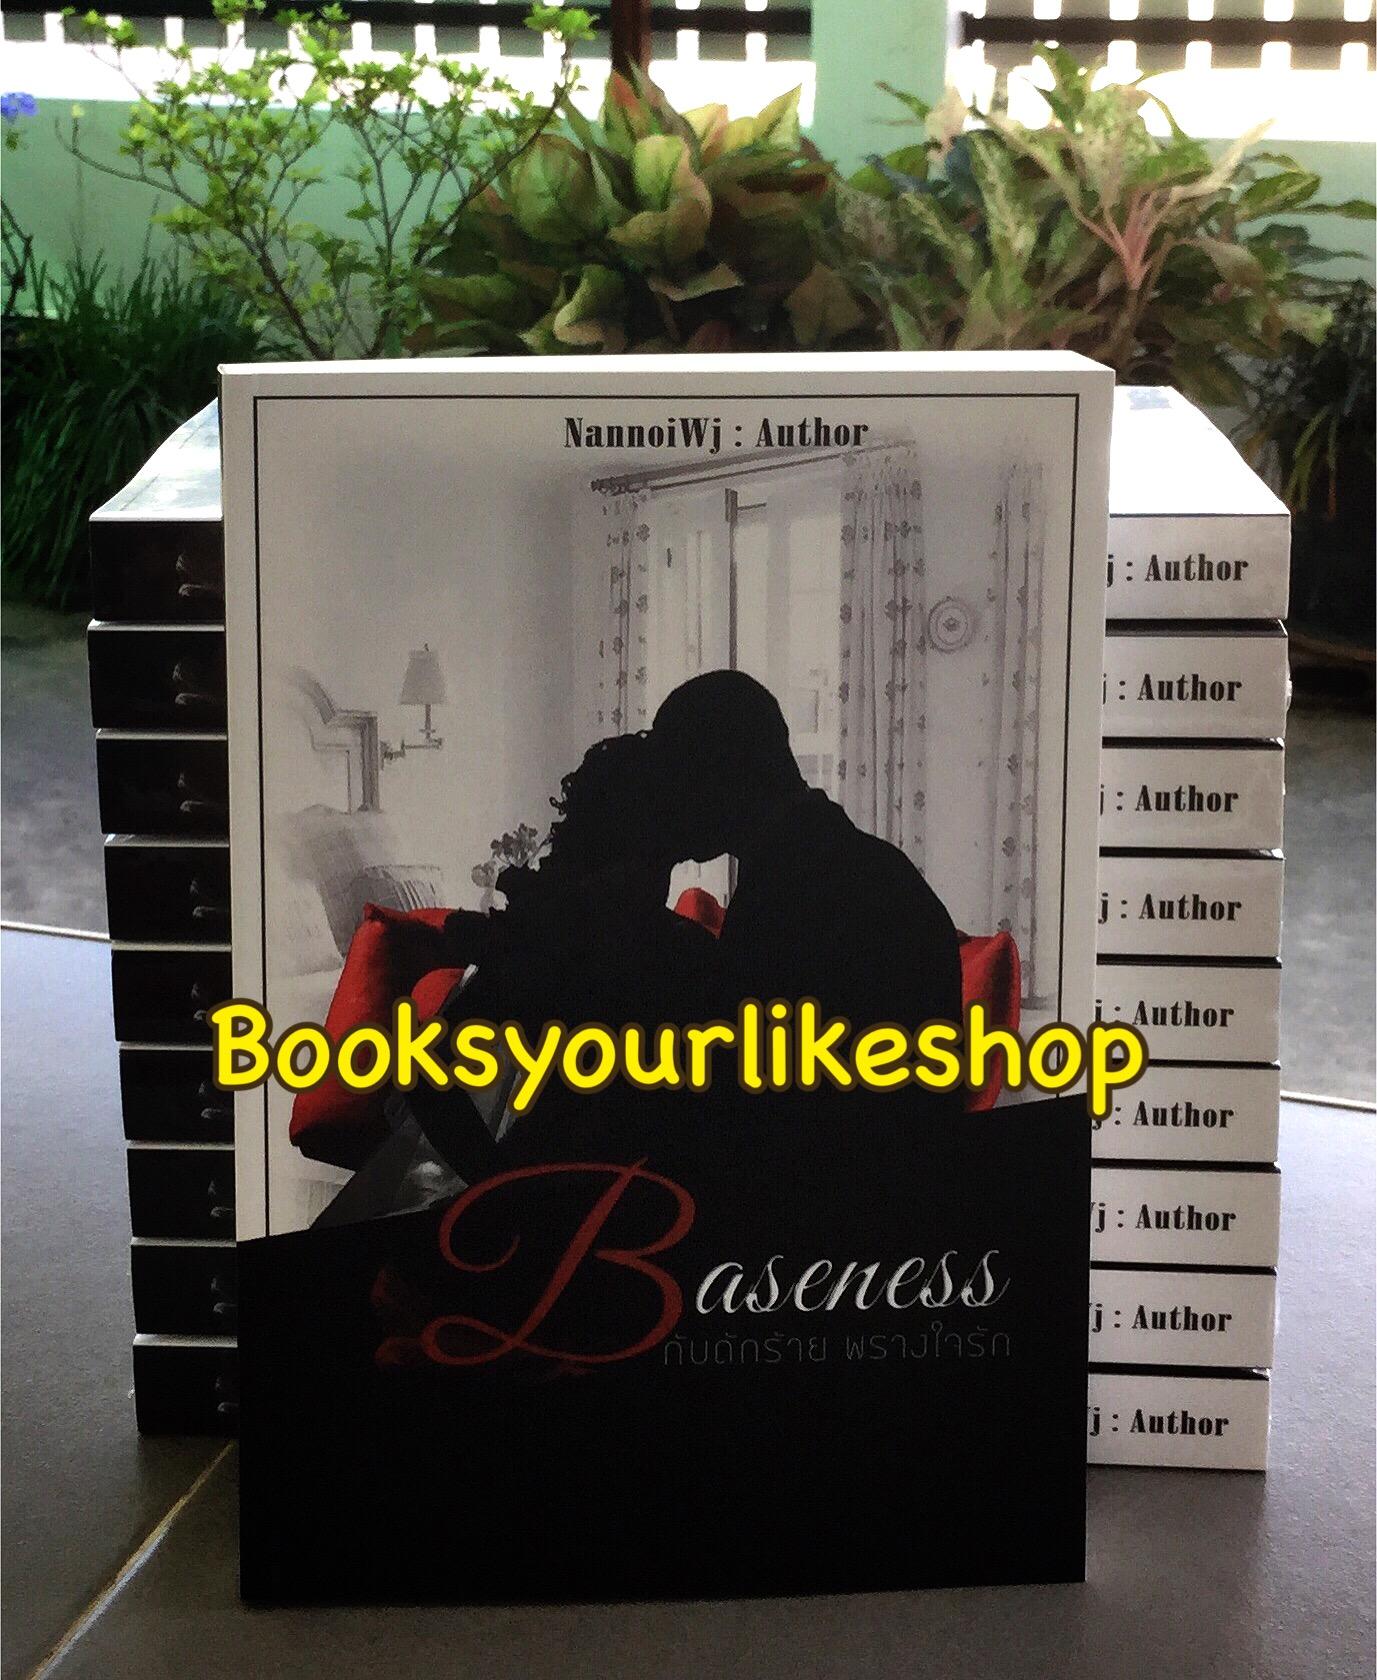 โปรส่งฟรี BASENESS กับดักร้ายพรางใจรัก / พิณลลิน ( NannoiWj ) หนังสือใหม่ทำมือ***สนุกค่า***